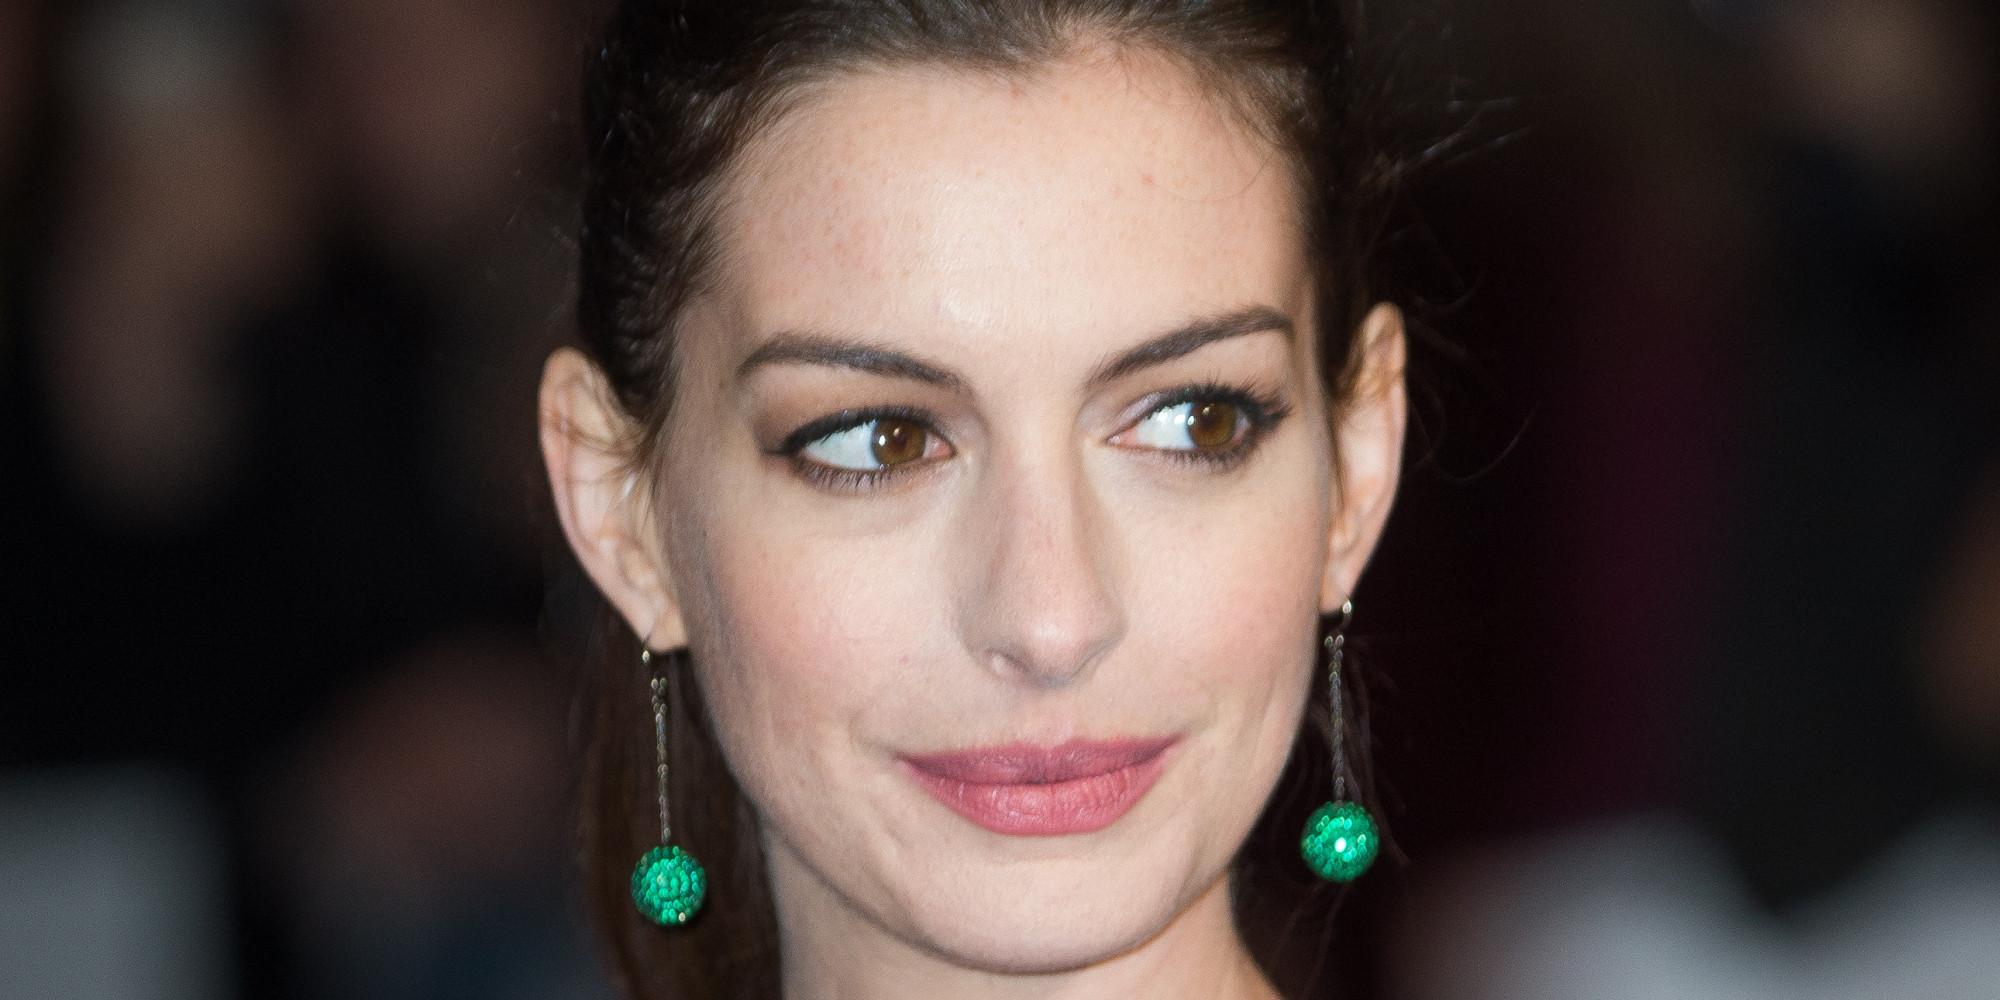 Anne Hathaway presume su embarazo en bikini para castigar ... Anne Hathaway Facebook